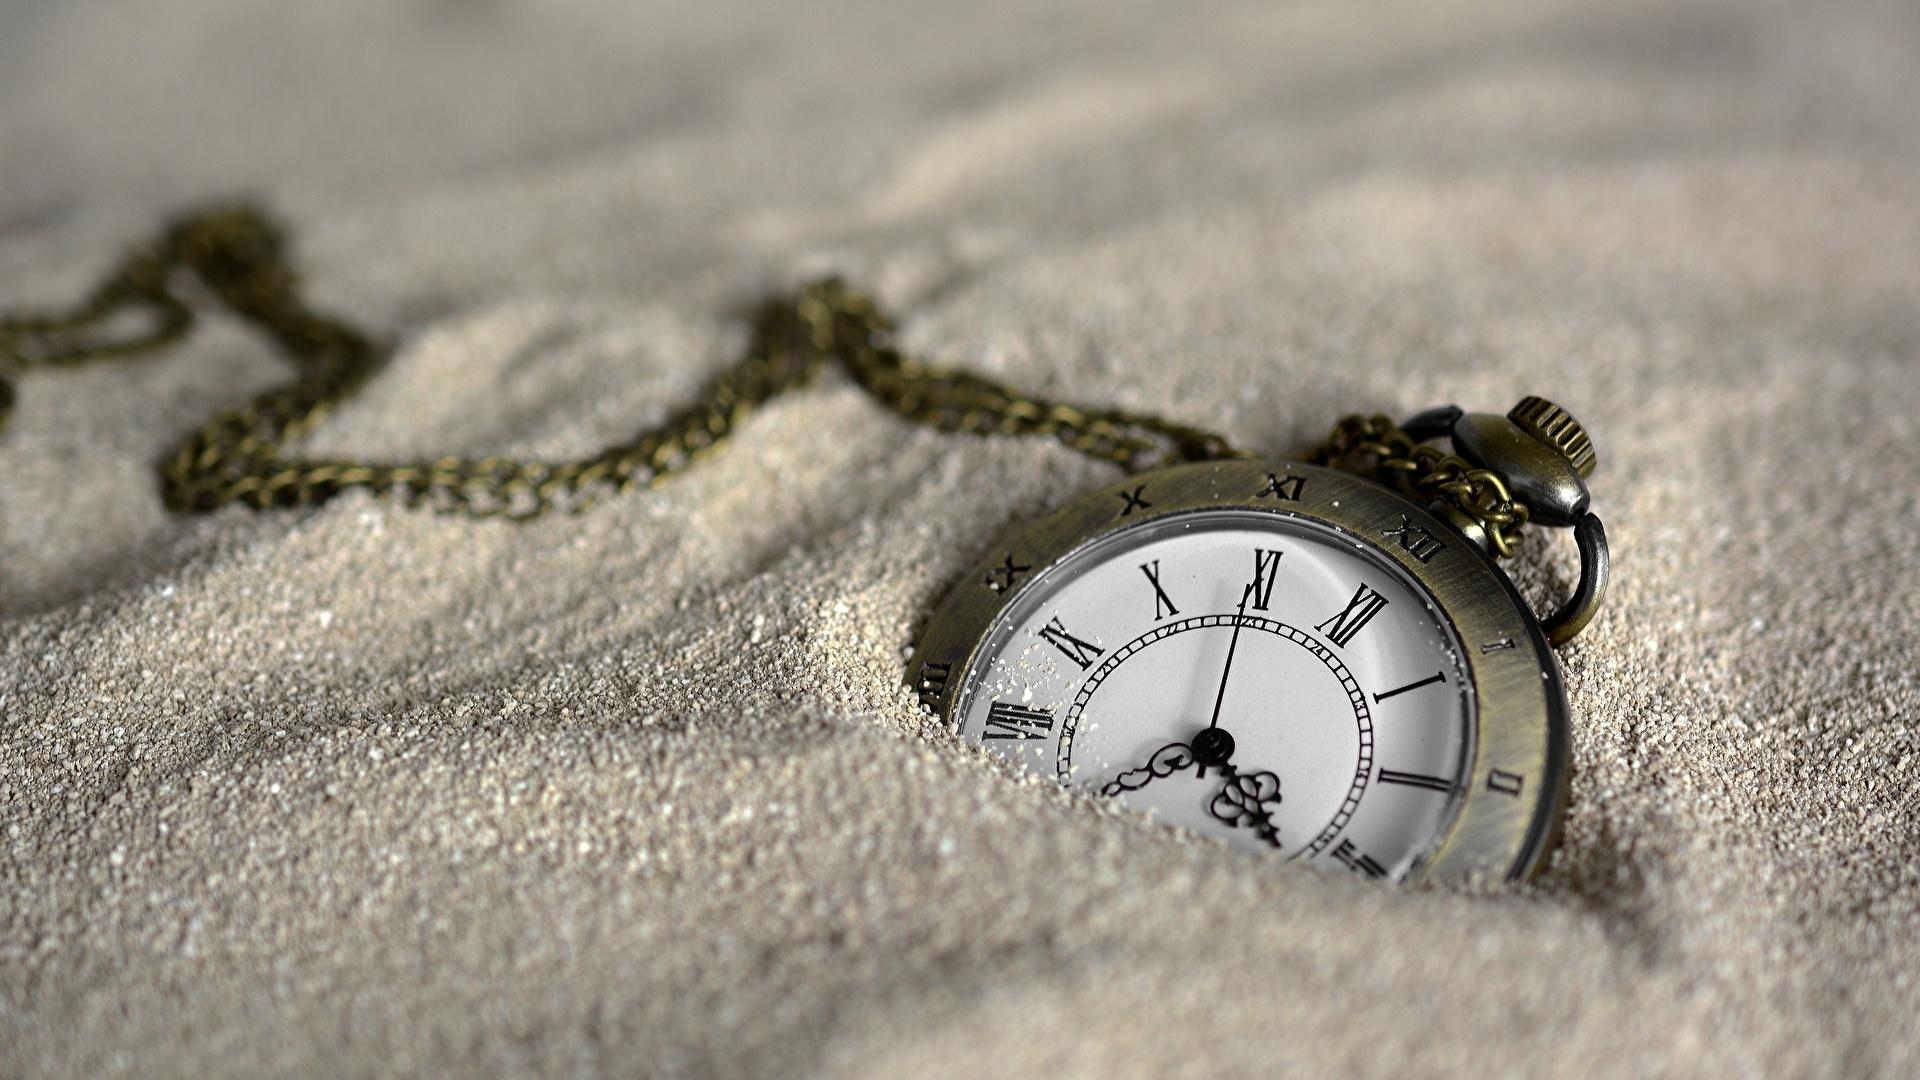 ¿Conoces la historia del reloj?